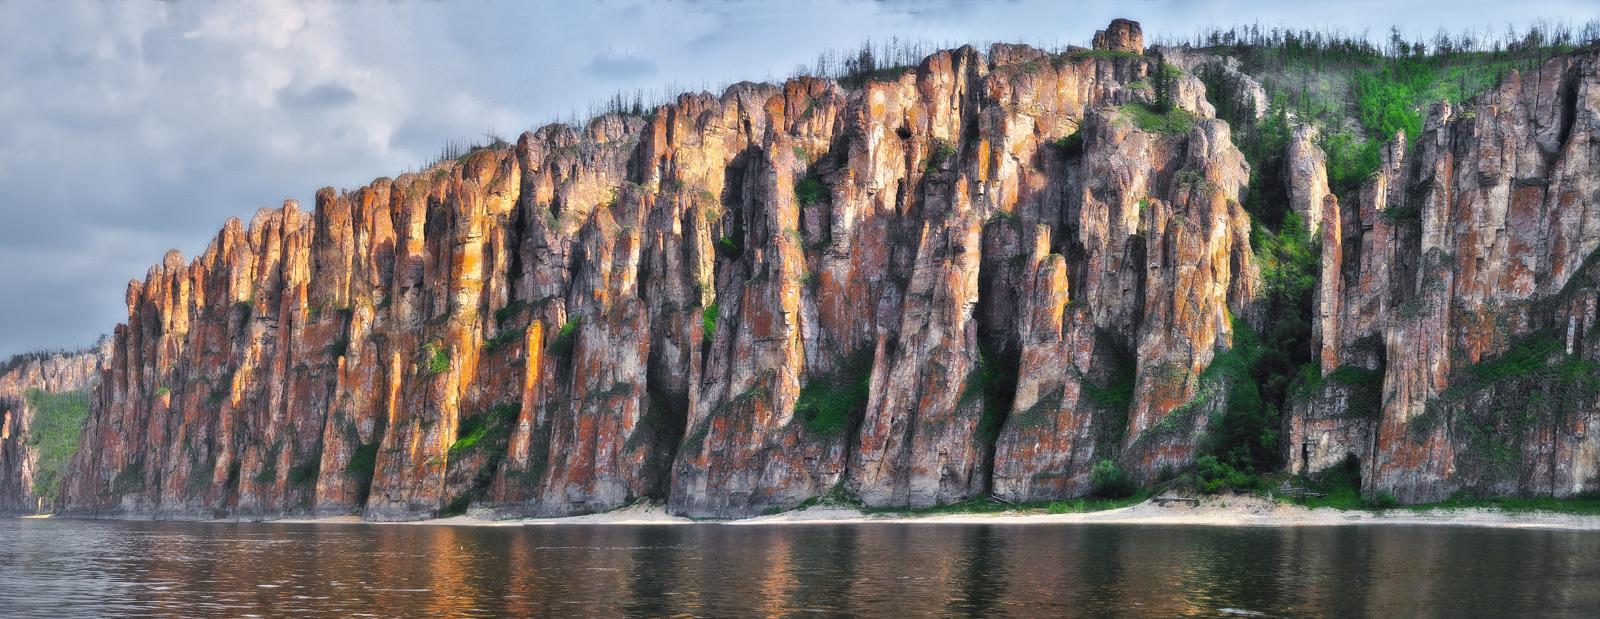 Сибирь. Якутия. Круиз по реке Лене и морю Лаптевых